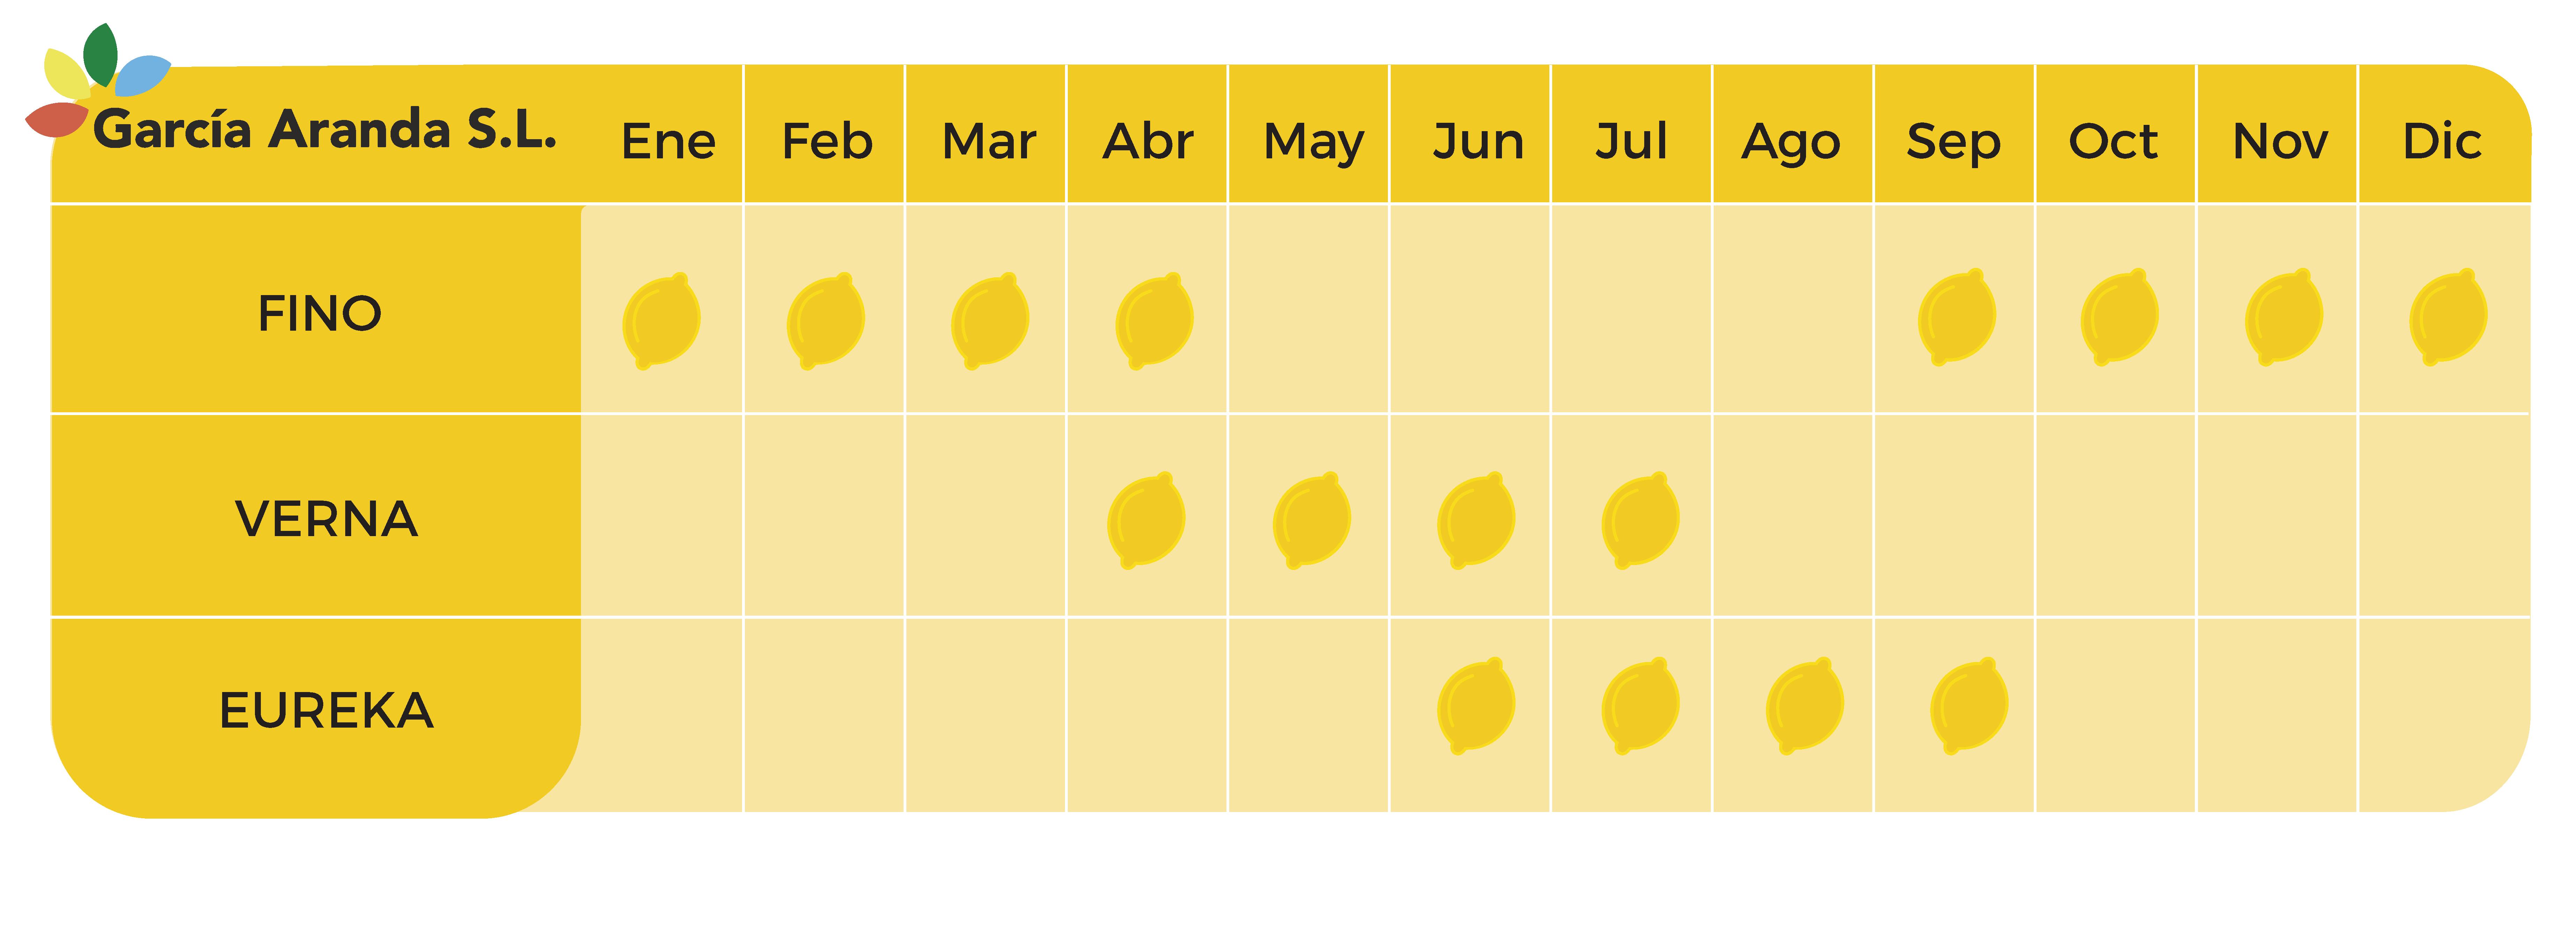 Garcia-Aranda-Grafica-limon-meses-01